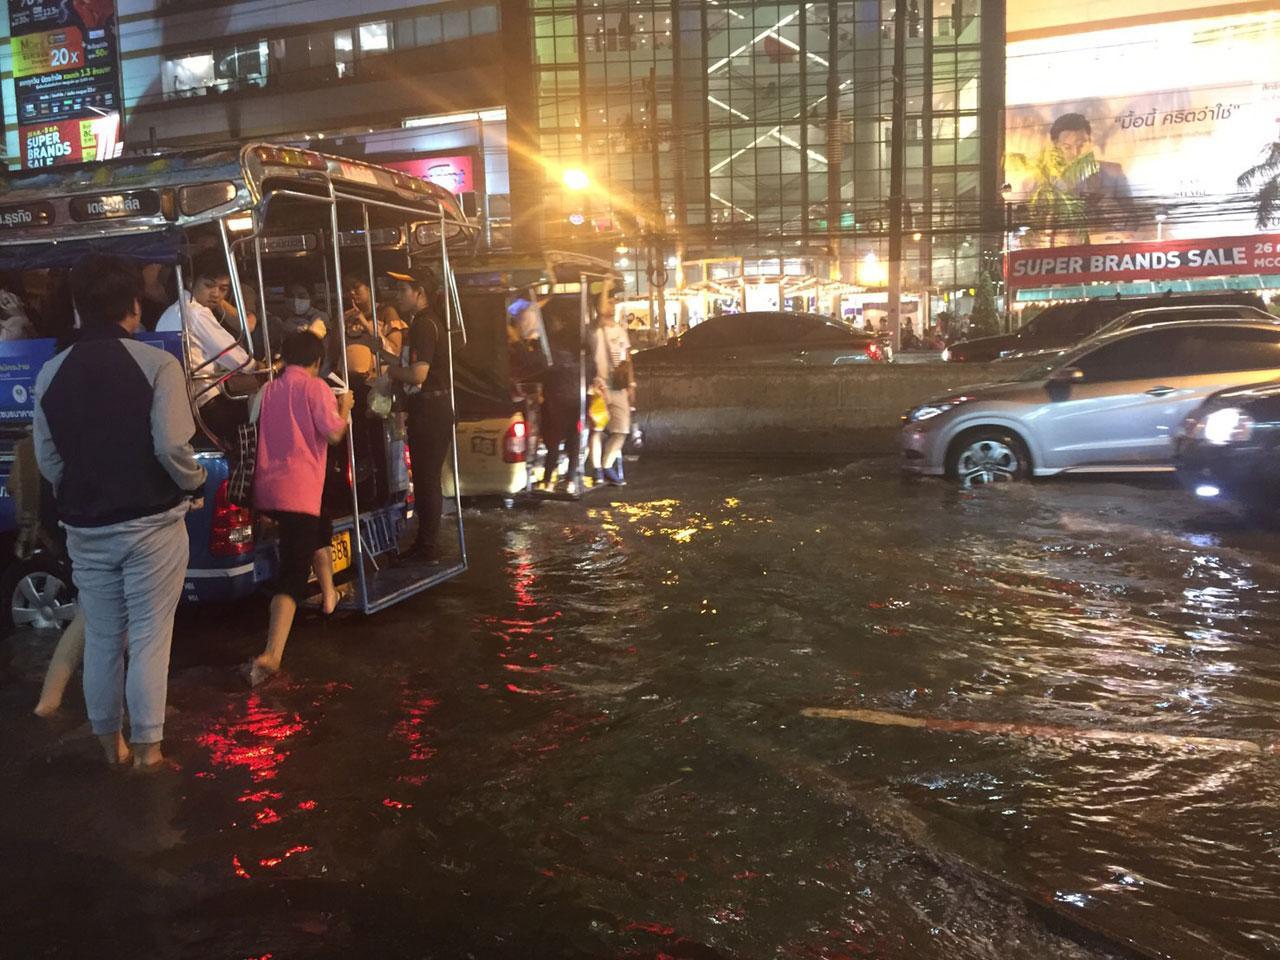 ประชาชนเดินทางด้วยรถโดยสาร ถอดรองเท้าเดินลุยน้ำ